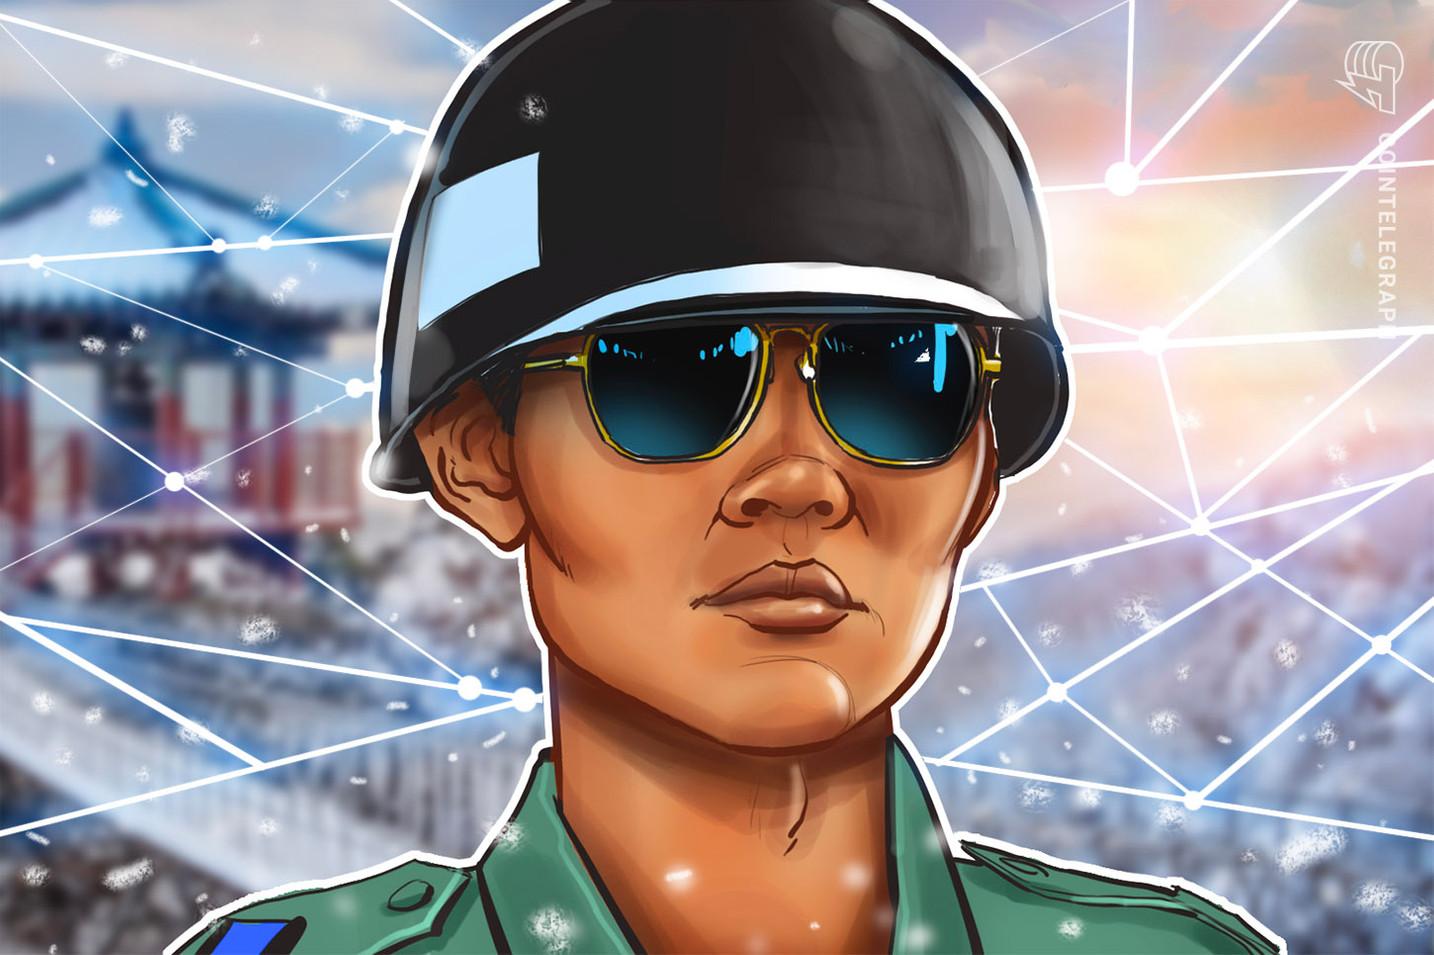 Coréia do Sul irá construir plataforma blockchain para aquisição militar